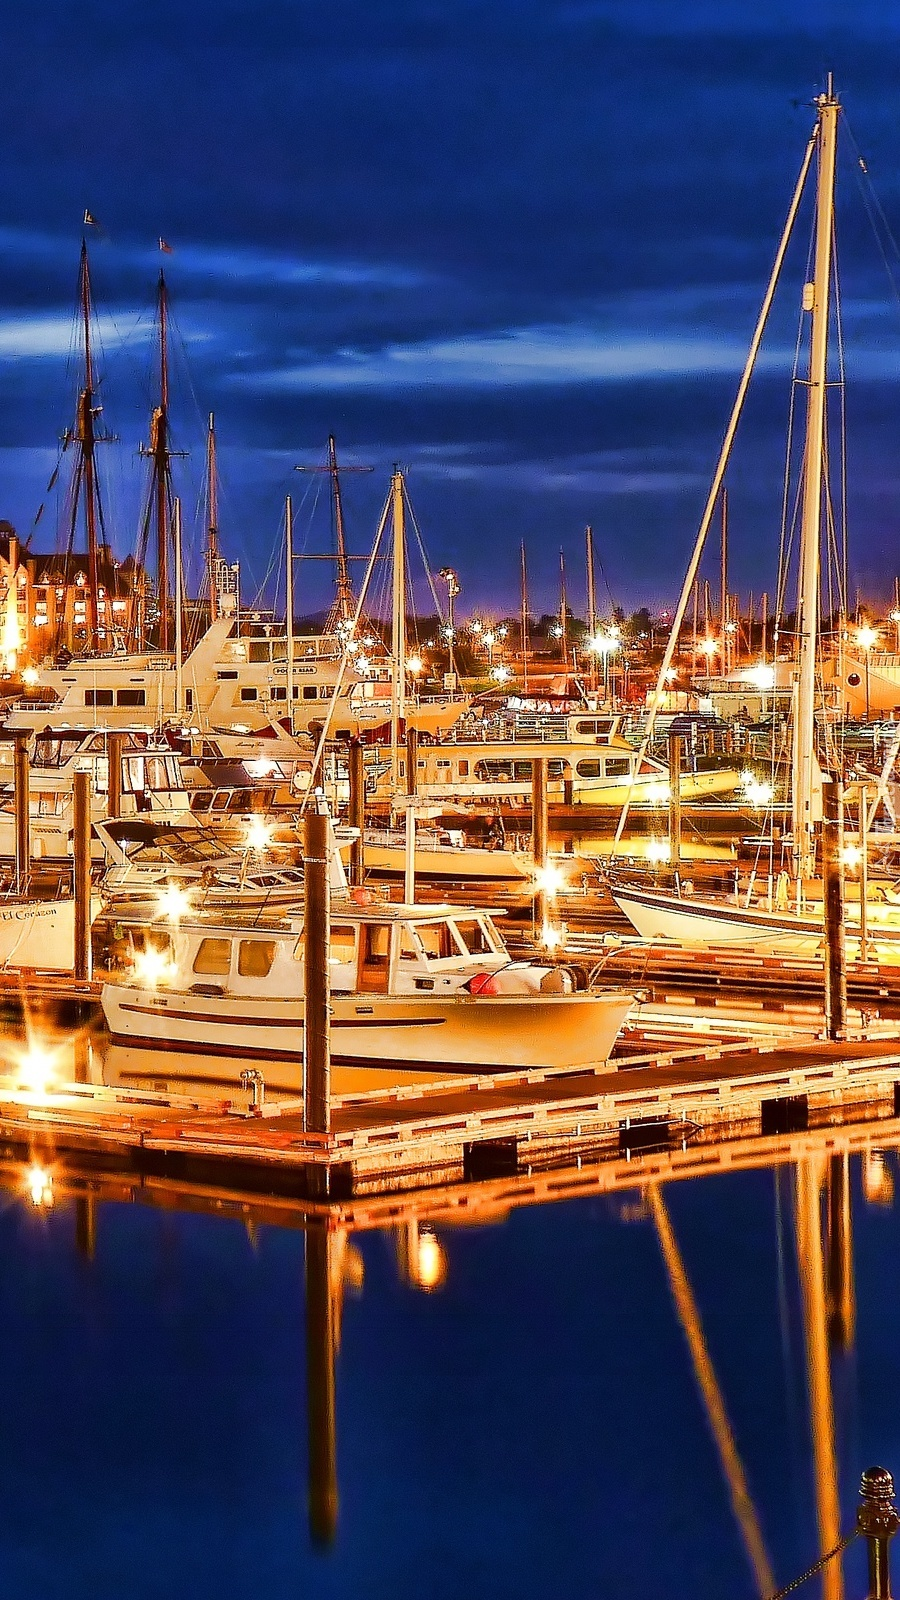 Oświetlone jachty nocą